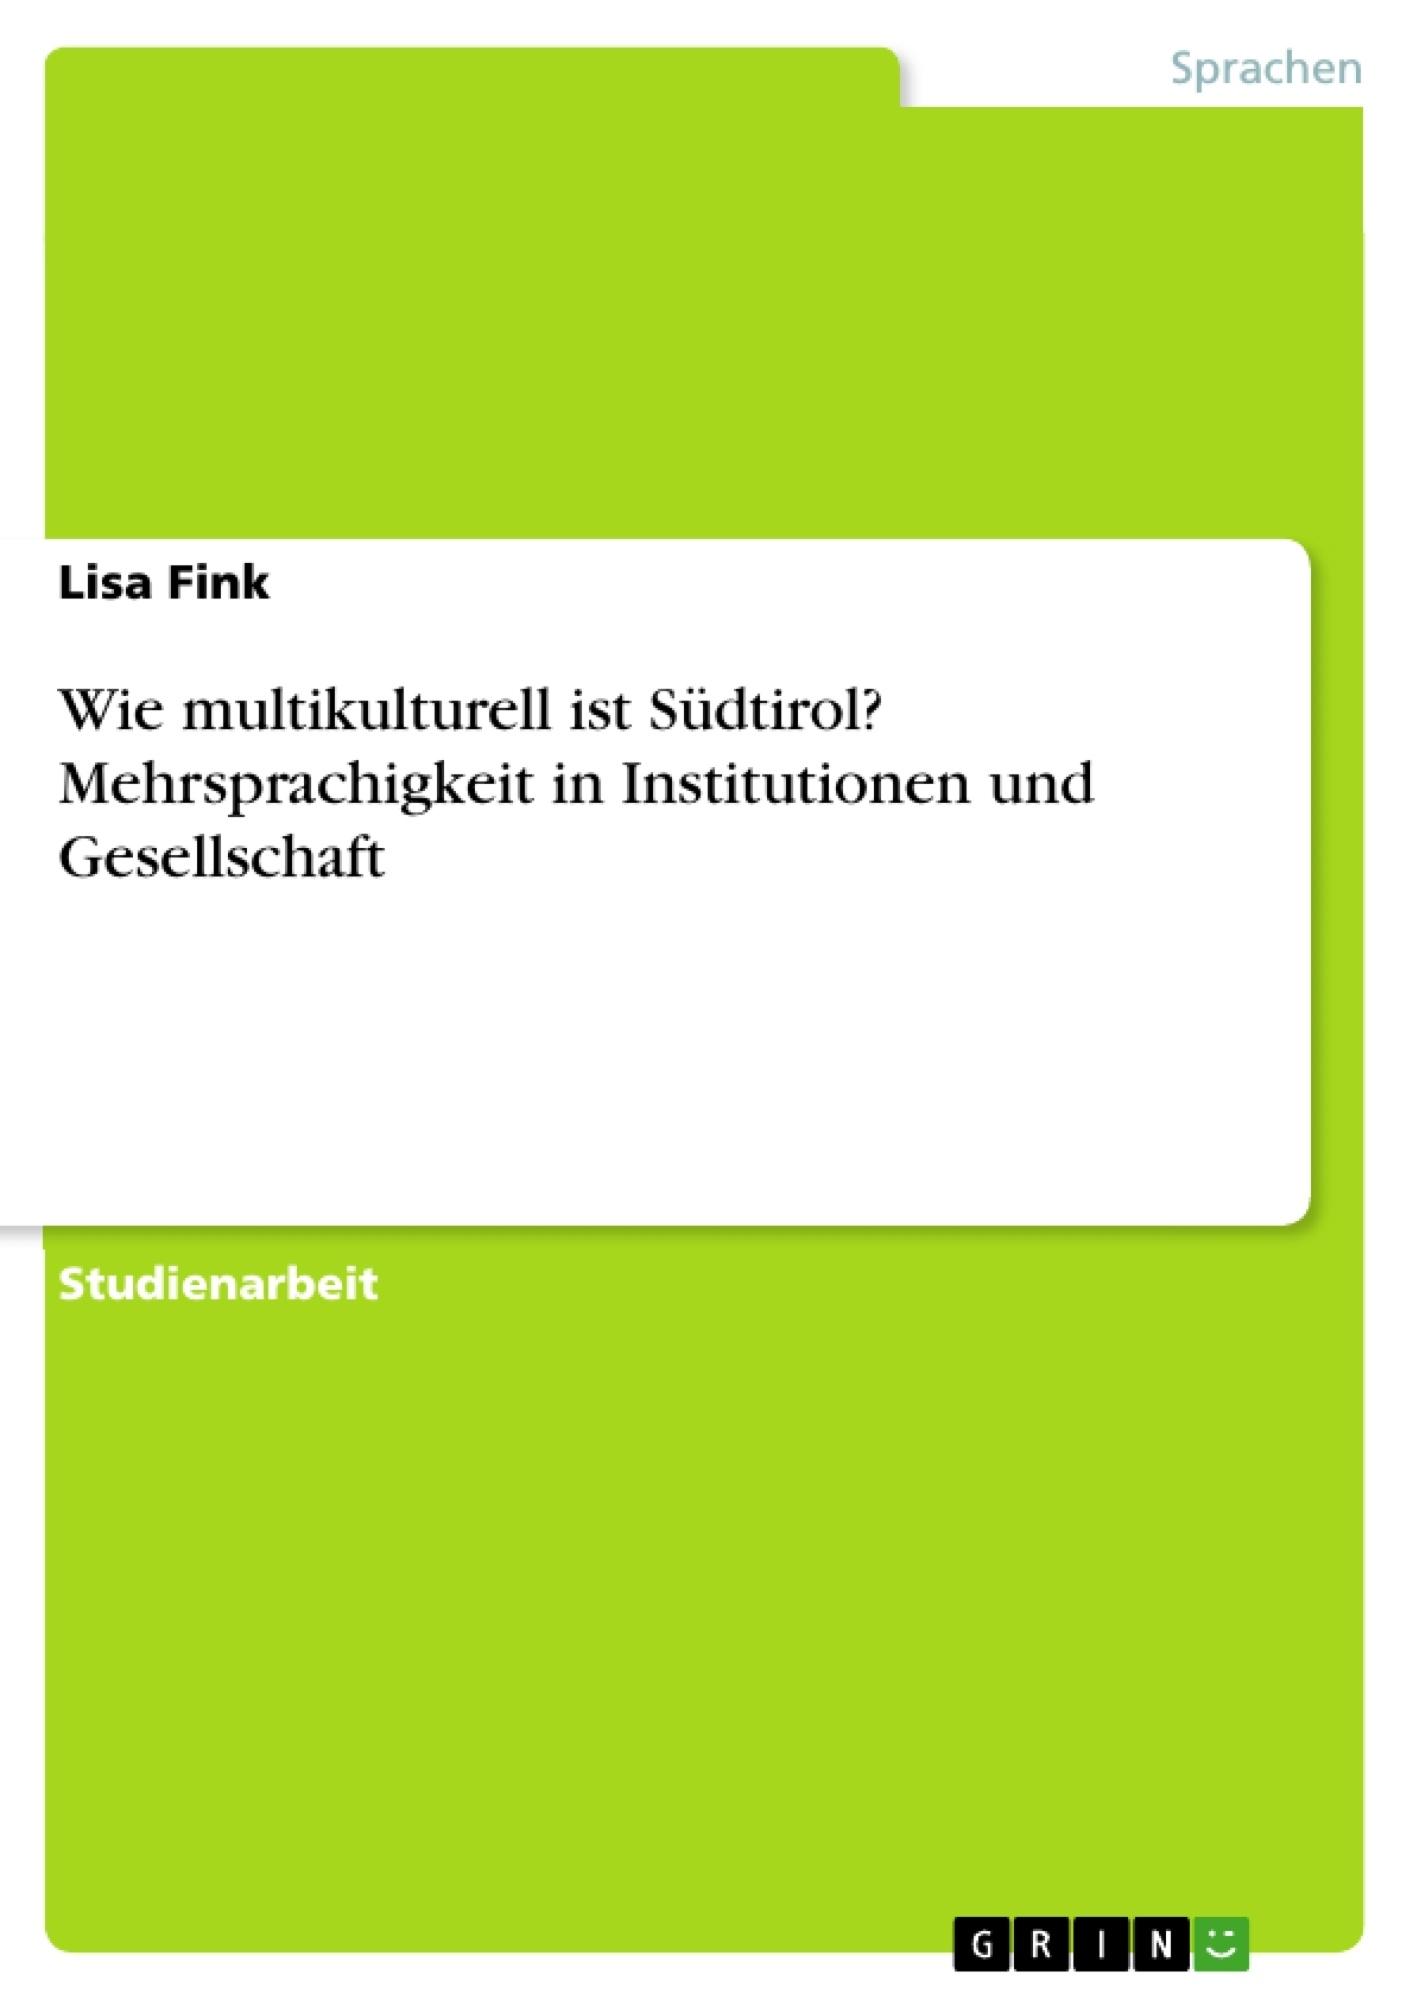 Titel: Wie multikulturell ist Südtirol? Mehrsprachigkeit in Institutionen und Gesellschaft